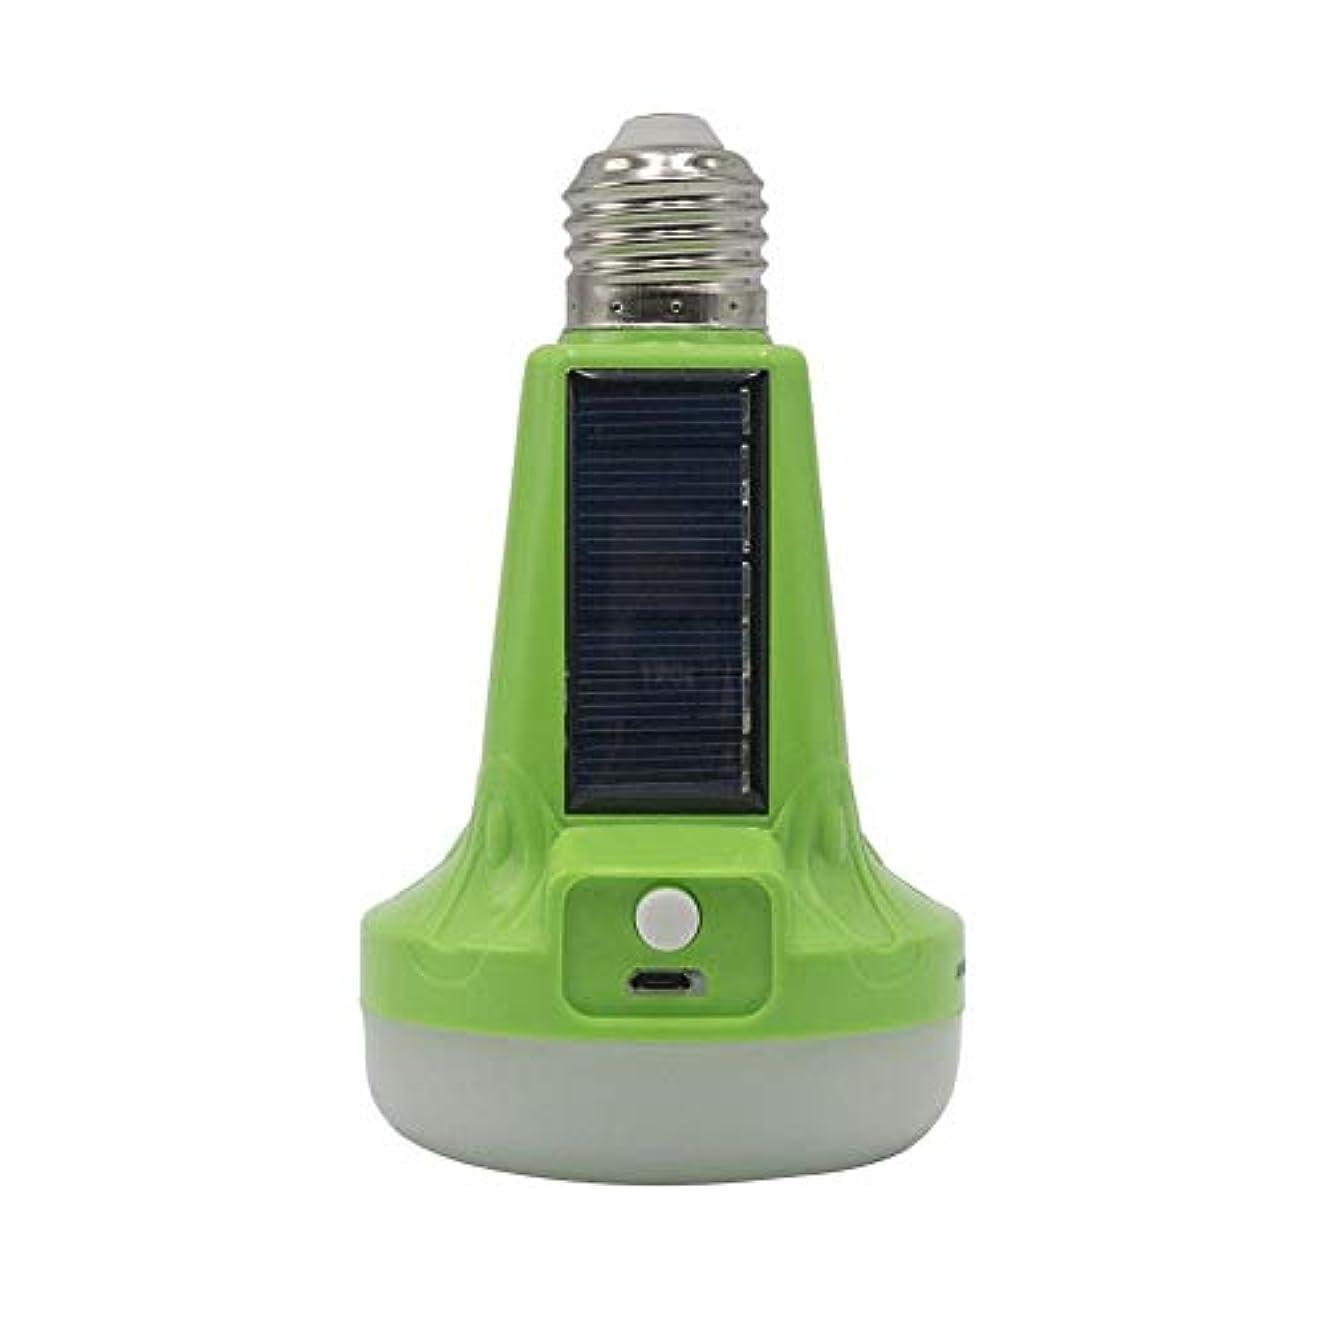 エッセンスラボ上回る12W 18W ソーラー LED電球 太陽エネルギー 再充電 懐中電灯 屋外 屋内 多機能 テント E27 ランプ 超高輝度 携帯用 停電 防災対策 登山 夜釣り ハイキング